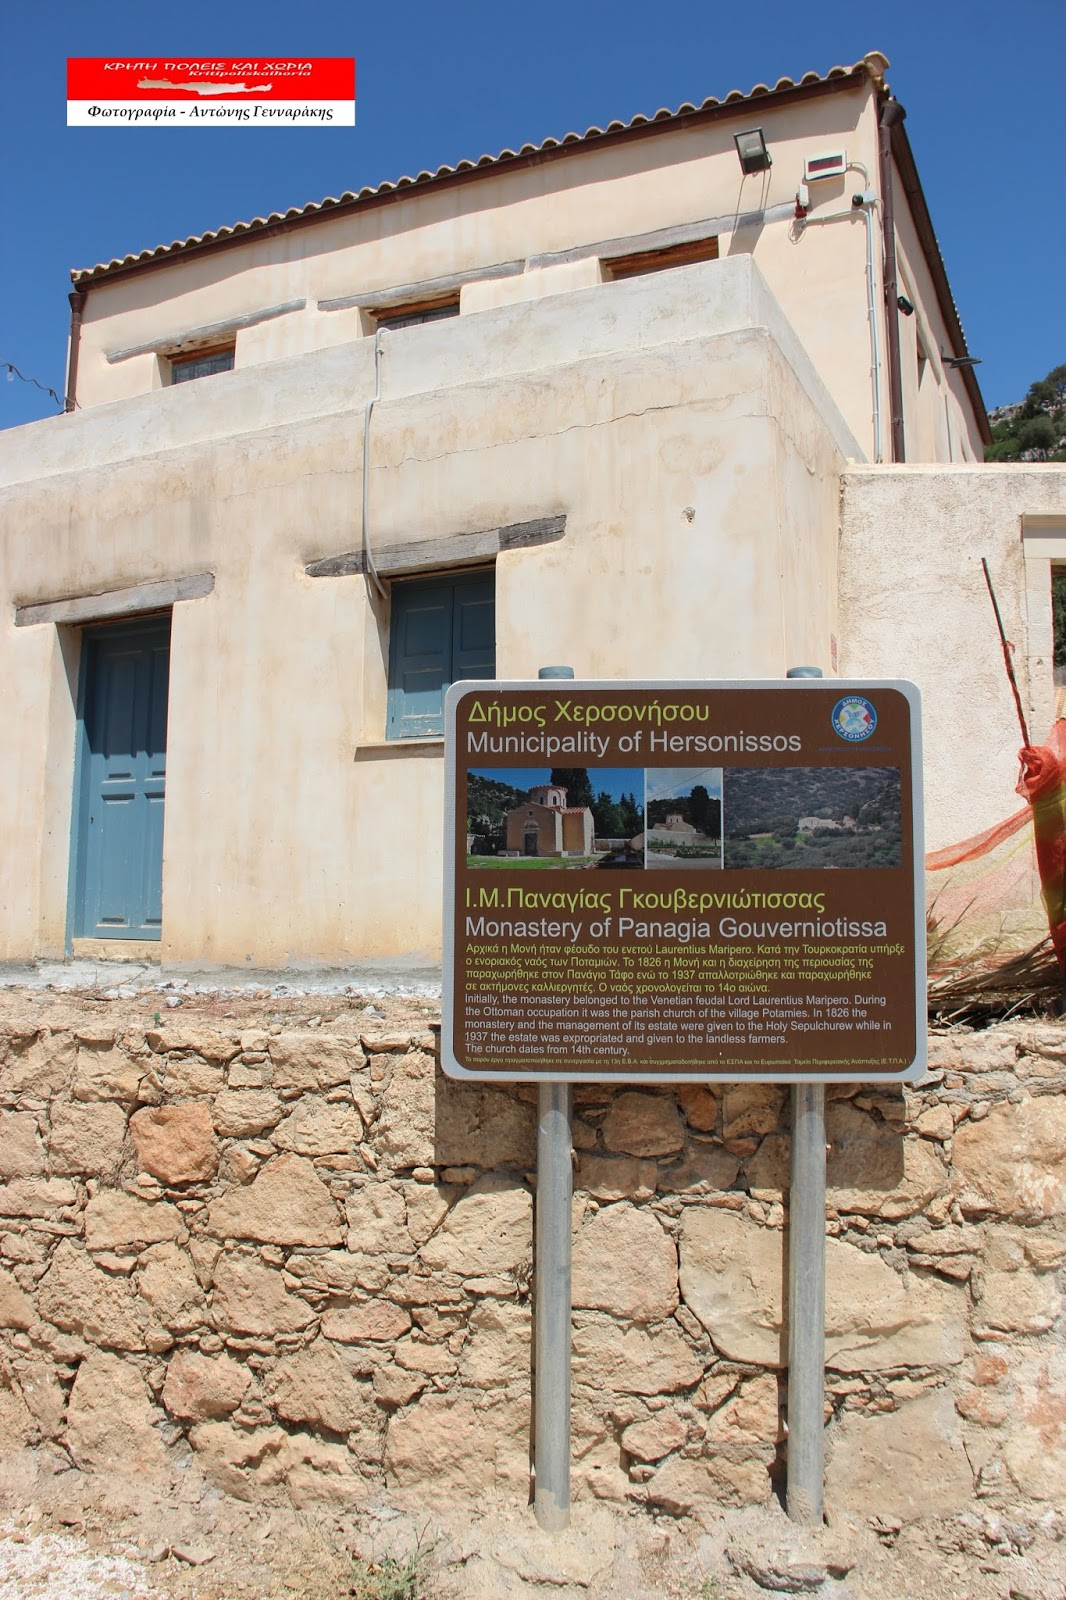 Τα εγκαίνια της έκθεσης θα γίνουν το Σάββατο 23 Ιουλίου από τον  περιφερειάρχη Κρήτης Σταύρο Αρναουτάκη ενώ τον αγιασμό θα τελέσει ο  μητροπολίτης Πέτρας και ... 5a9620e36d0